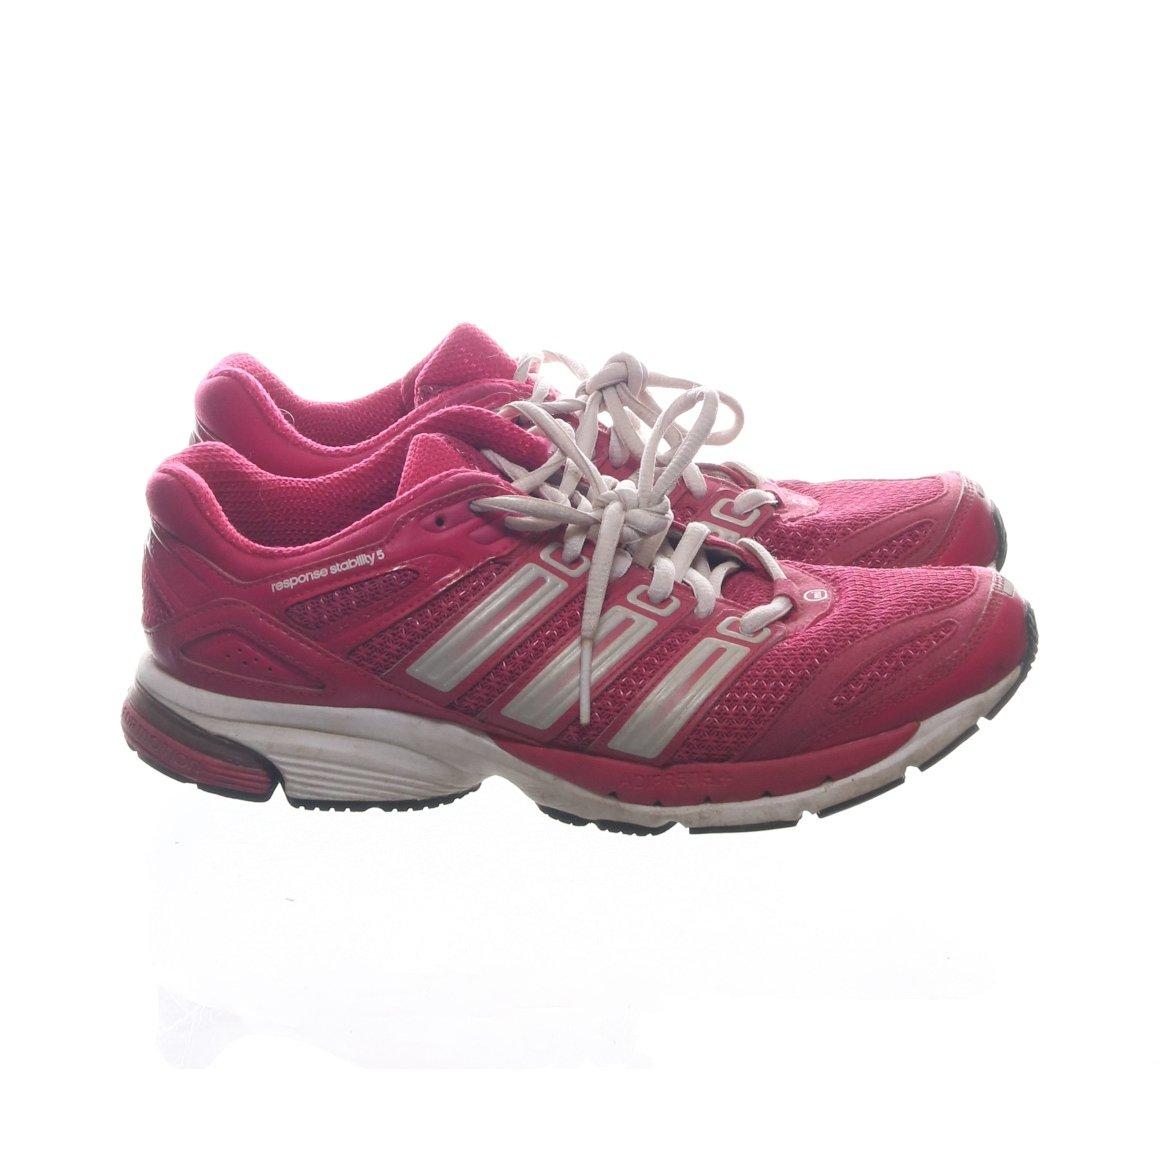 Adidas, Löparskor, Strl: 40, Response, RosaFlerfärgad